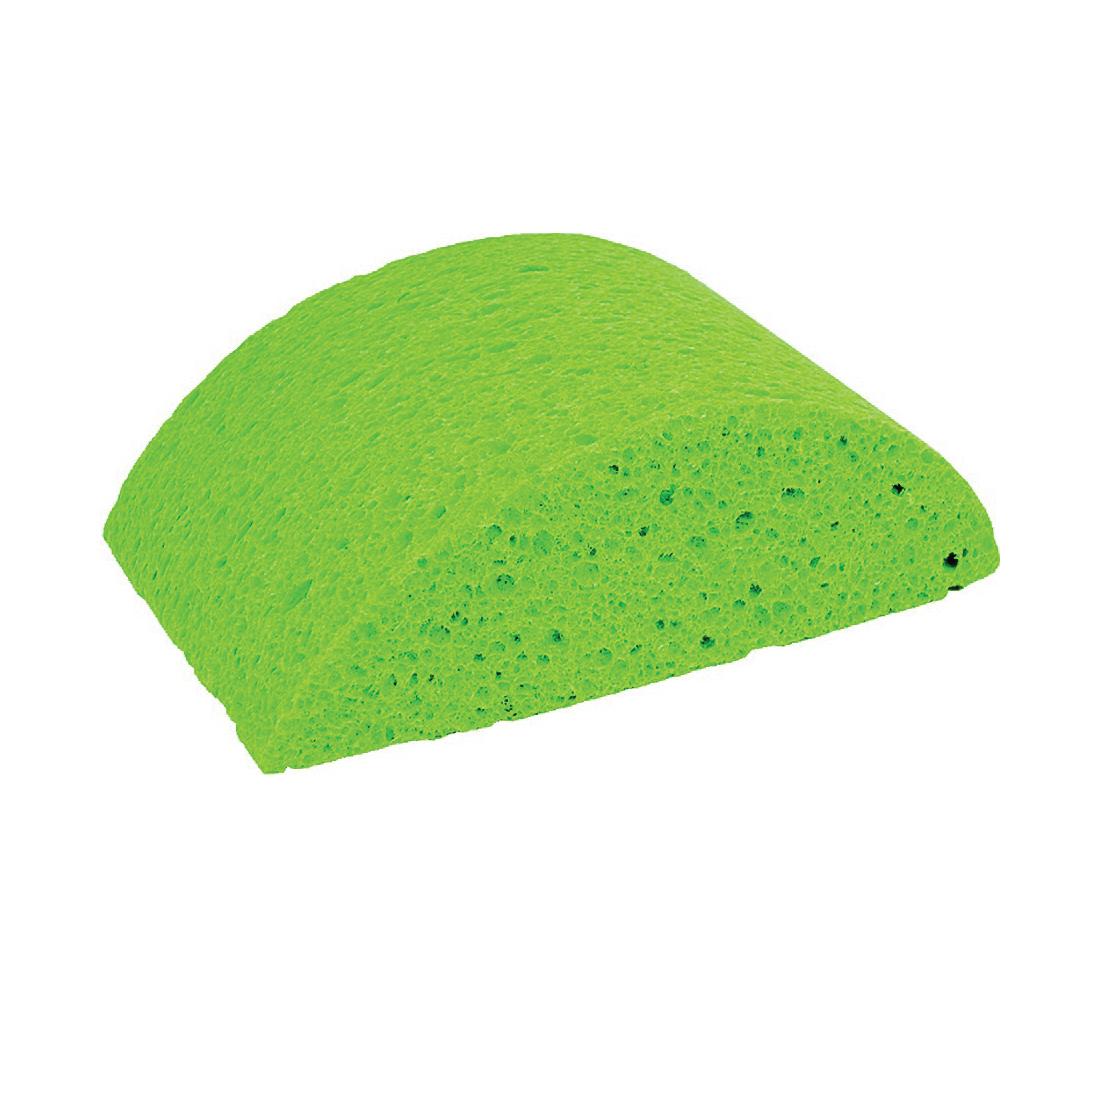 Picture of Marshalltown 16587 Turtleback Sponge, Green